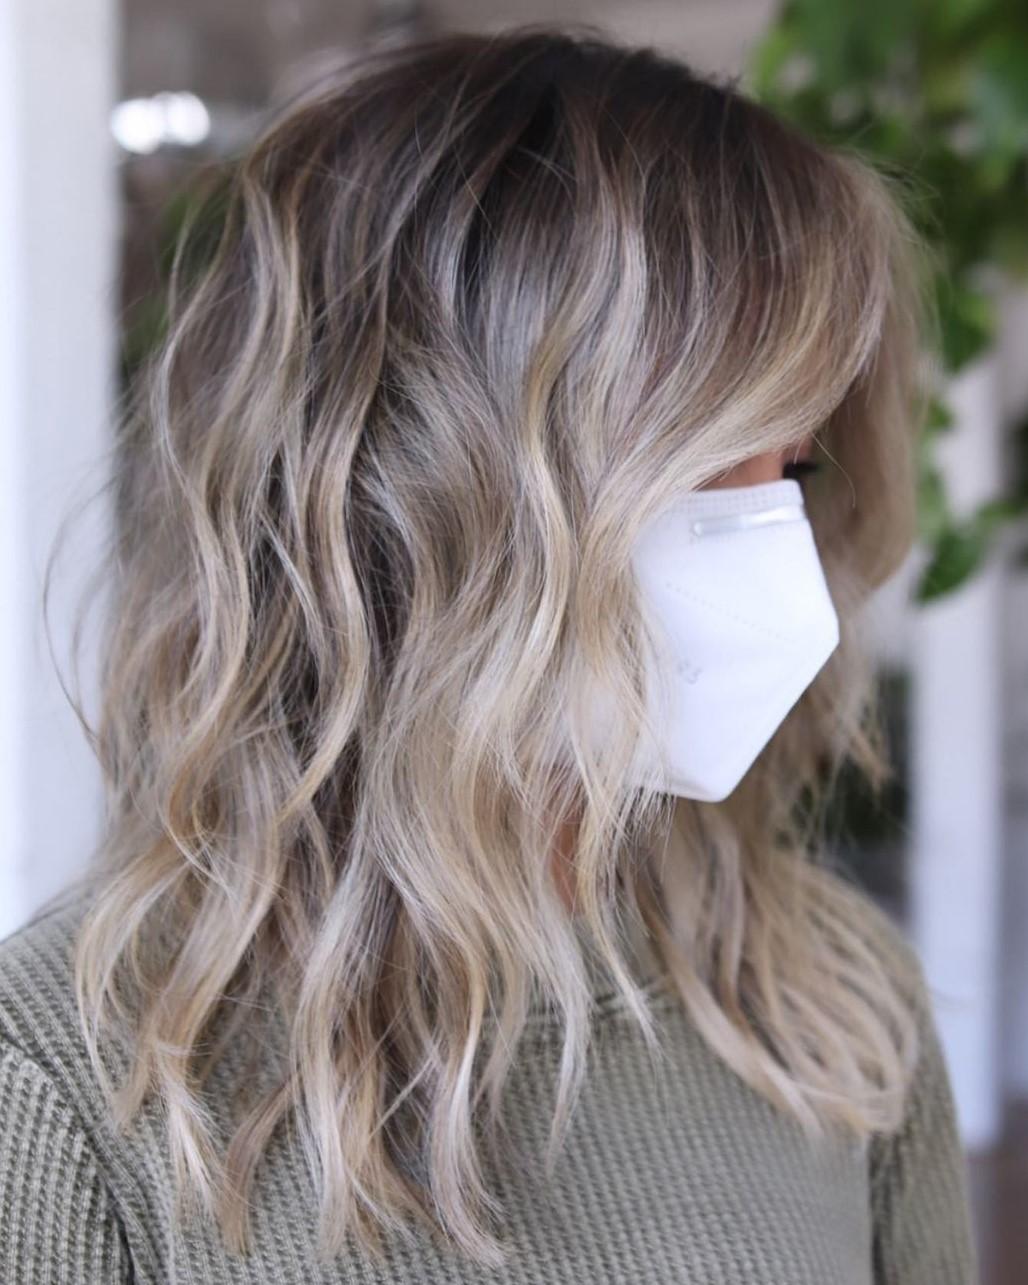 Medium Long Blonde Balayage Hair